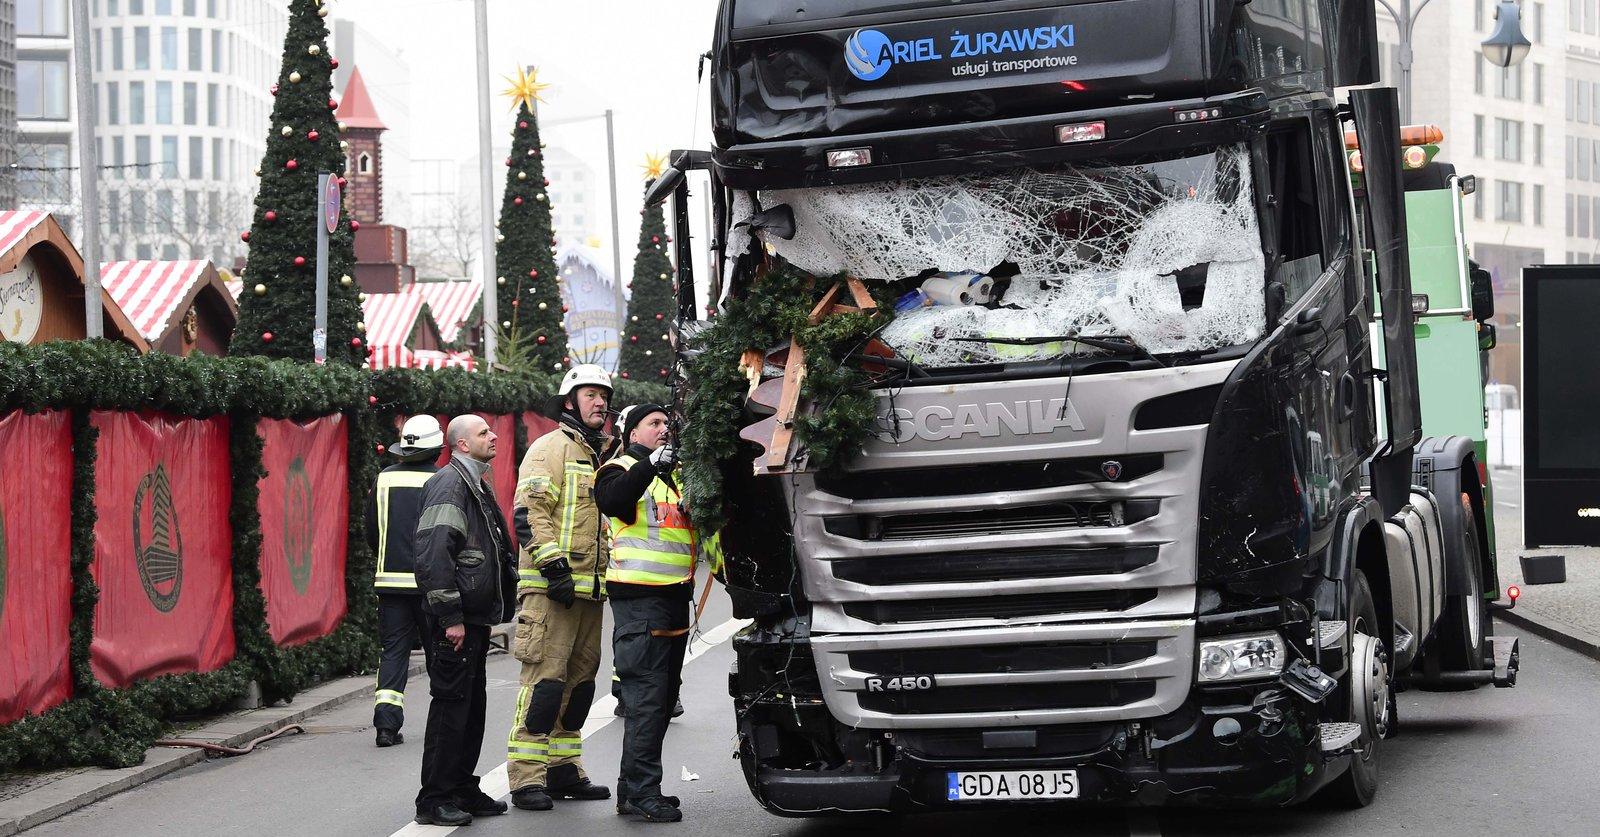 Brytyjscy kierowcy zbierają pieniądze na pomoc dla rodziny zamordowanego Polaka